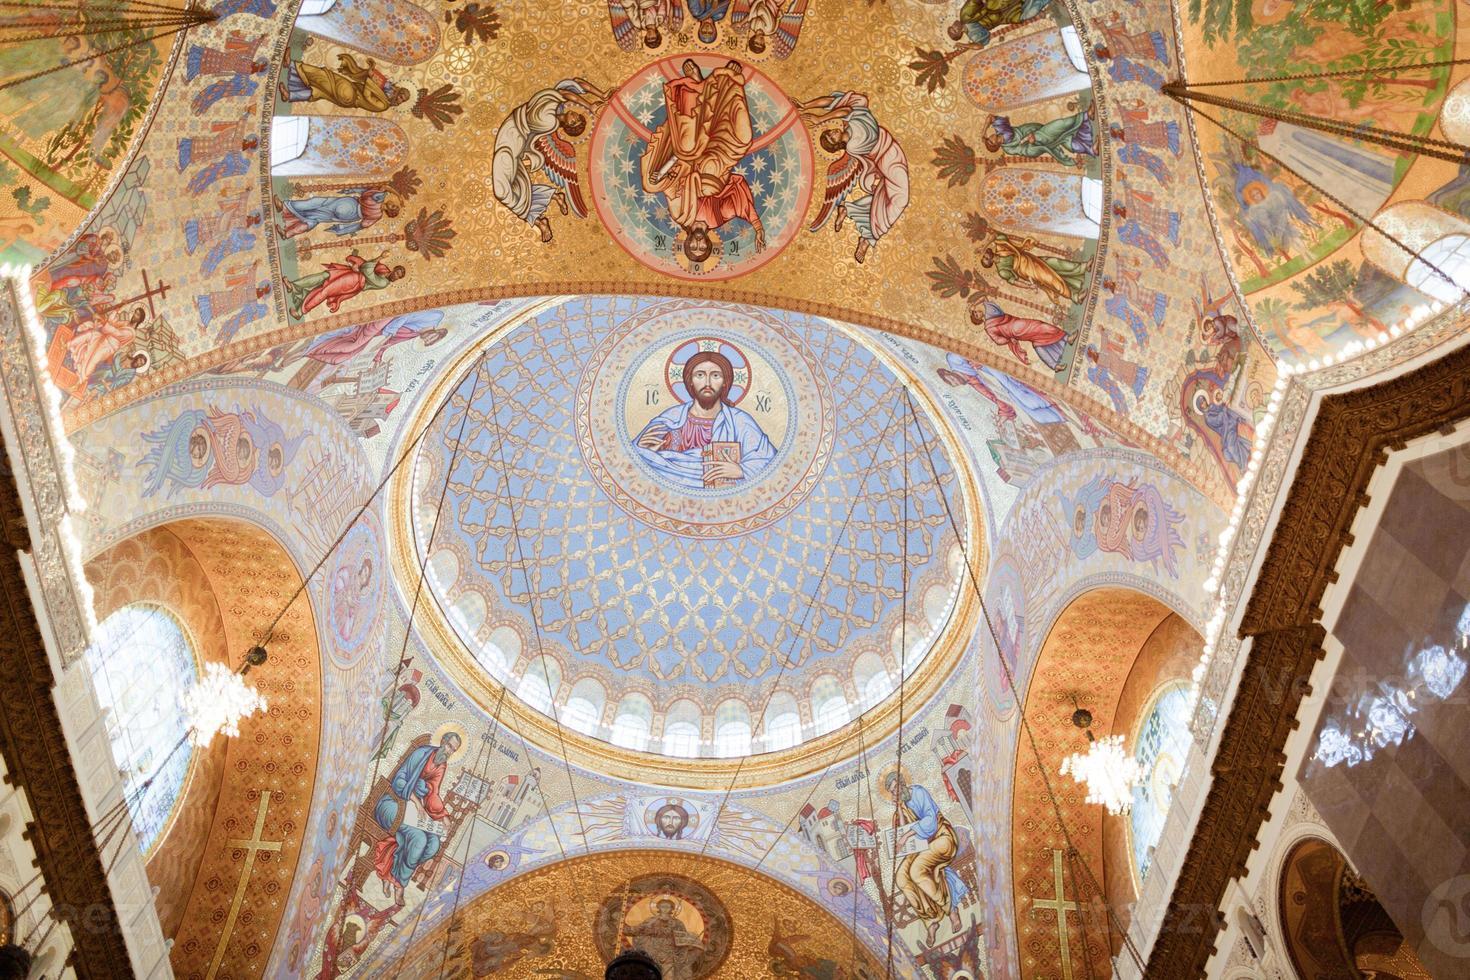 das Gemälde auf der Kuppel der Kathedrale des Meeres Nikolsokgo foto